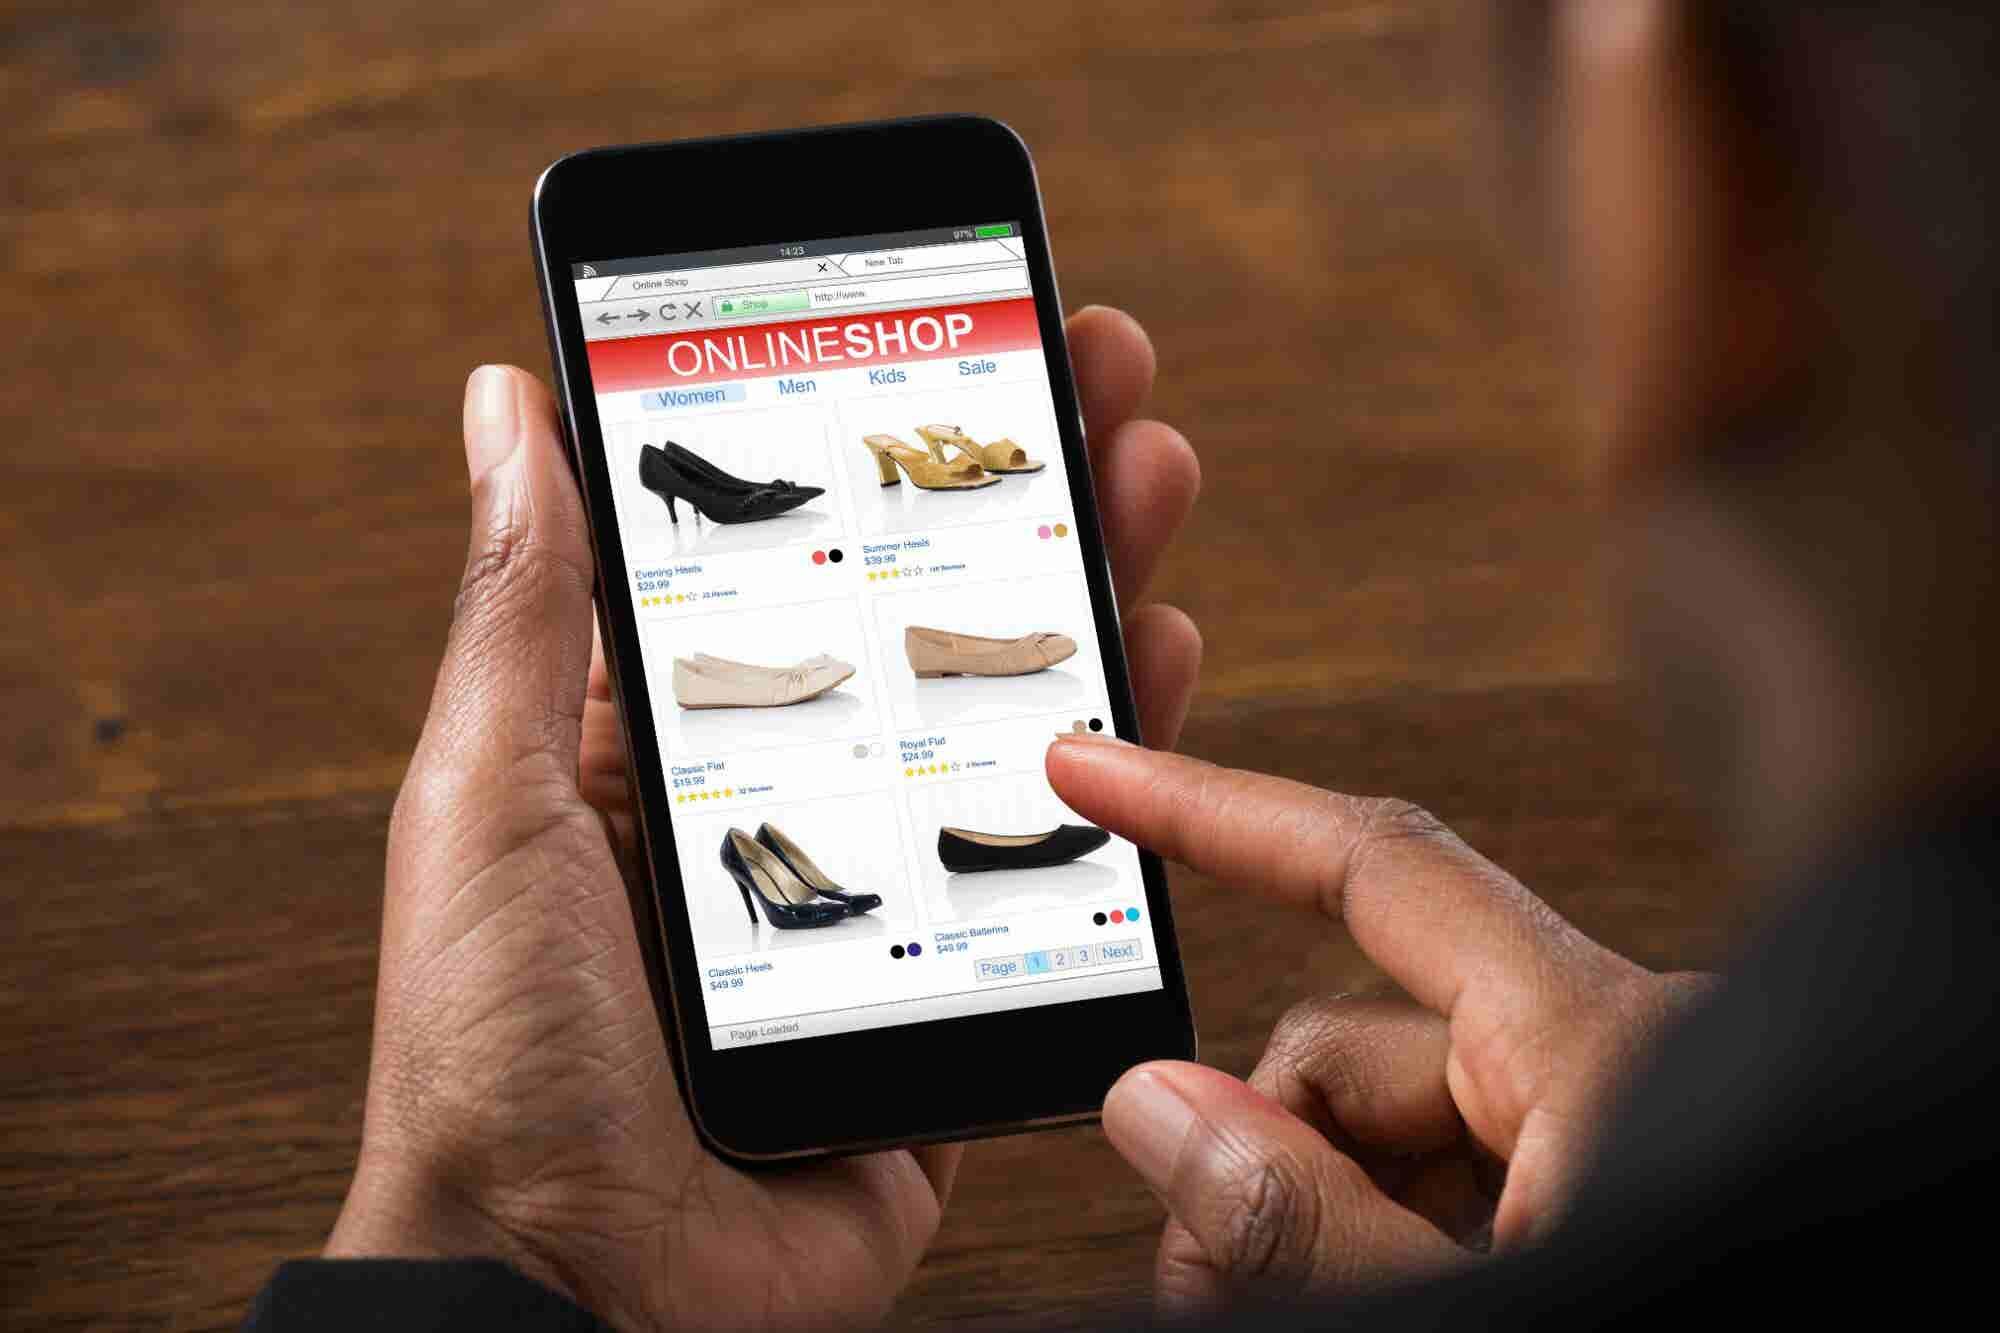 ¿Quieres vender online? Primero respóndete estas preguntas claves